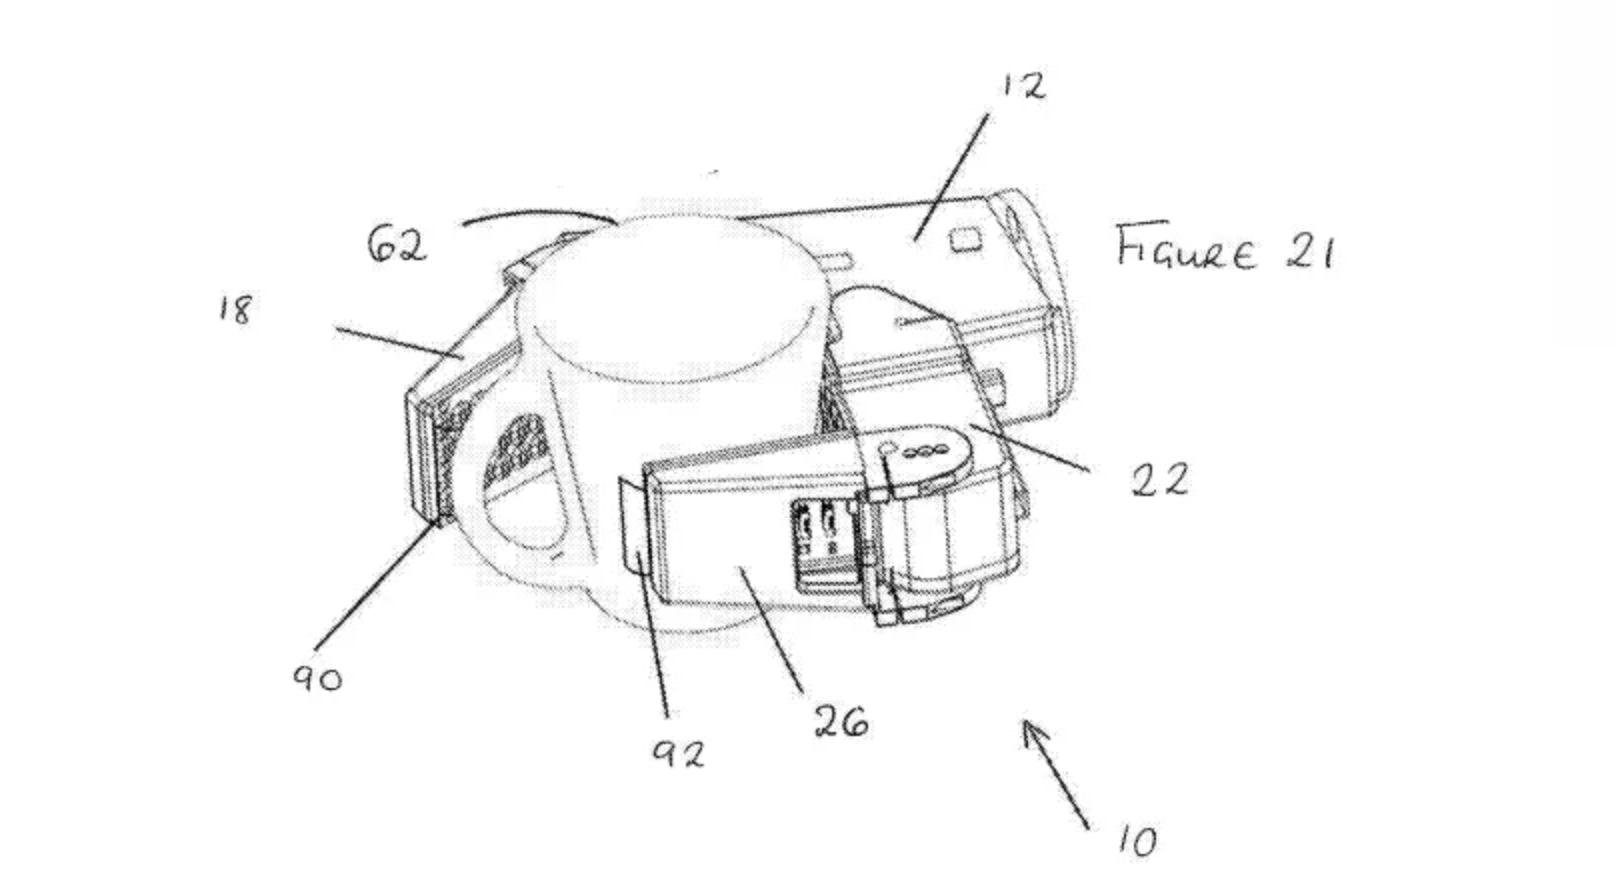 Denne tegningen viser en robotarm som skal kunne ta tak i objekter. En kopp er kanskje ikke så nyttig i rengjøringsøyemed, men kanskje den også kan åpne dører?